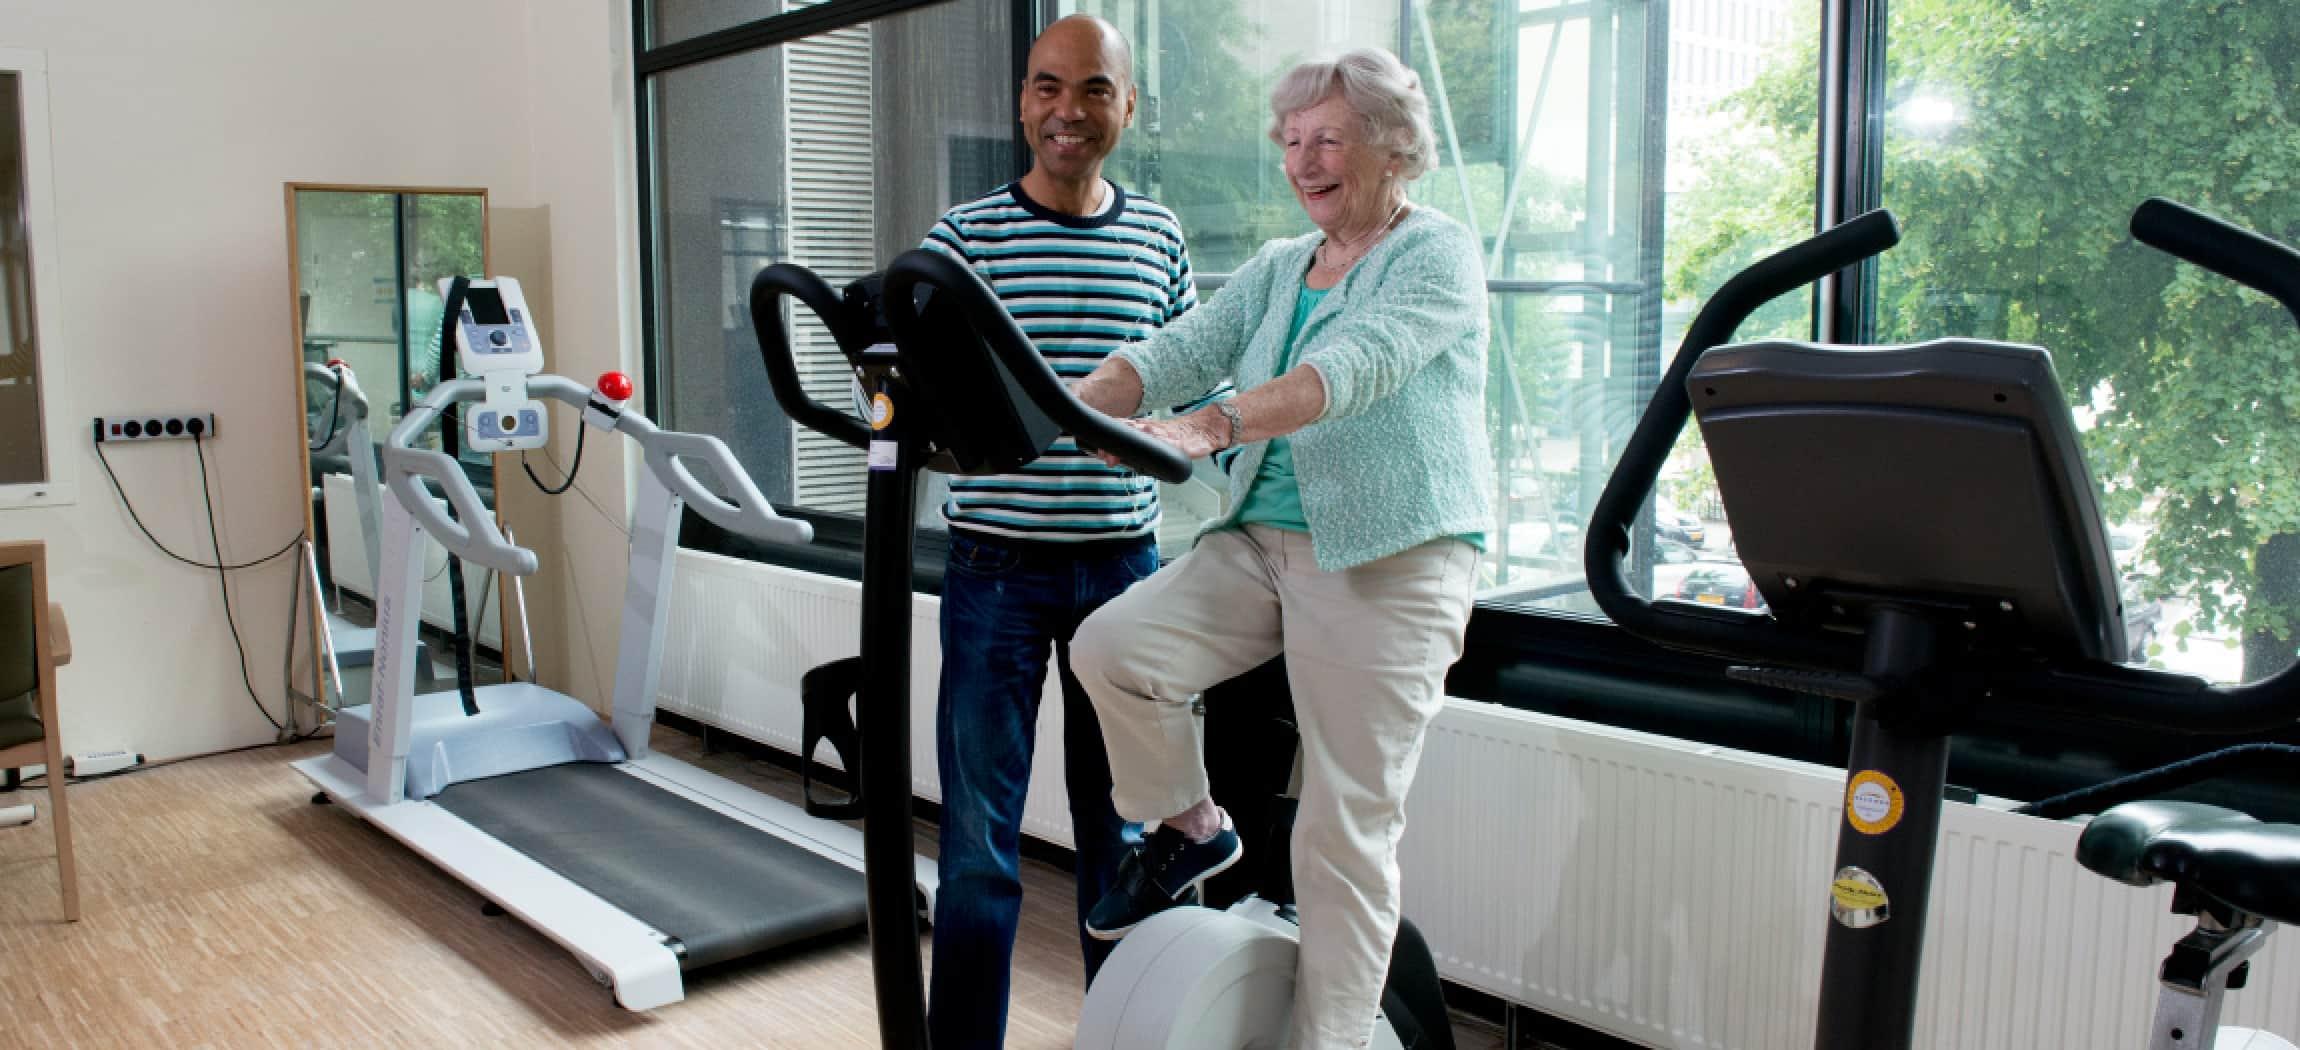 Ergotherapie oefenzaal fitness fiets oude vrouw met fysiotherapeut man